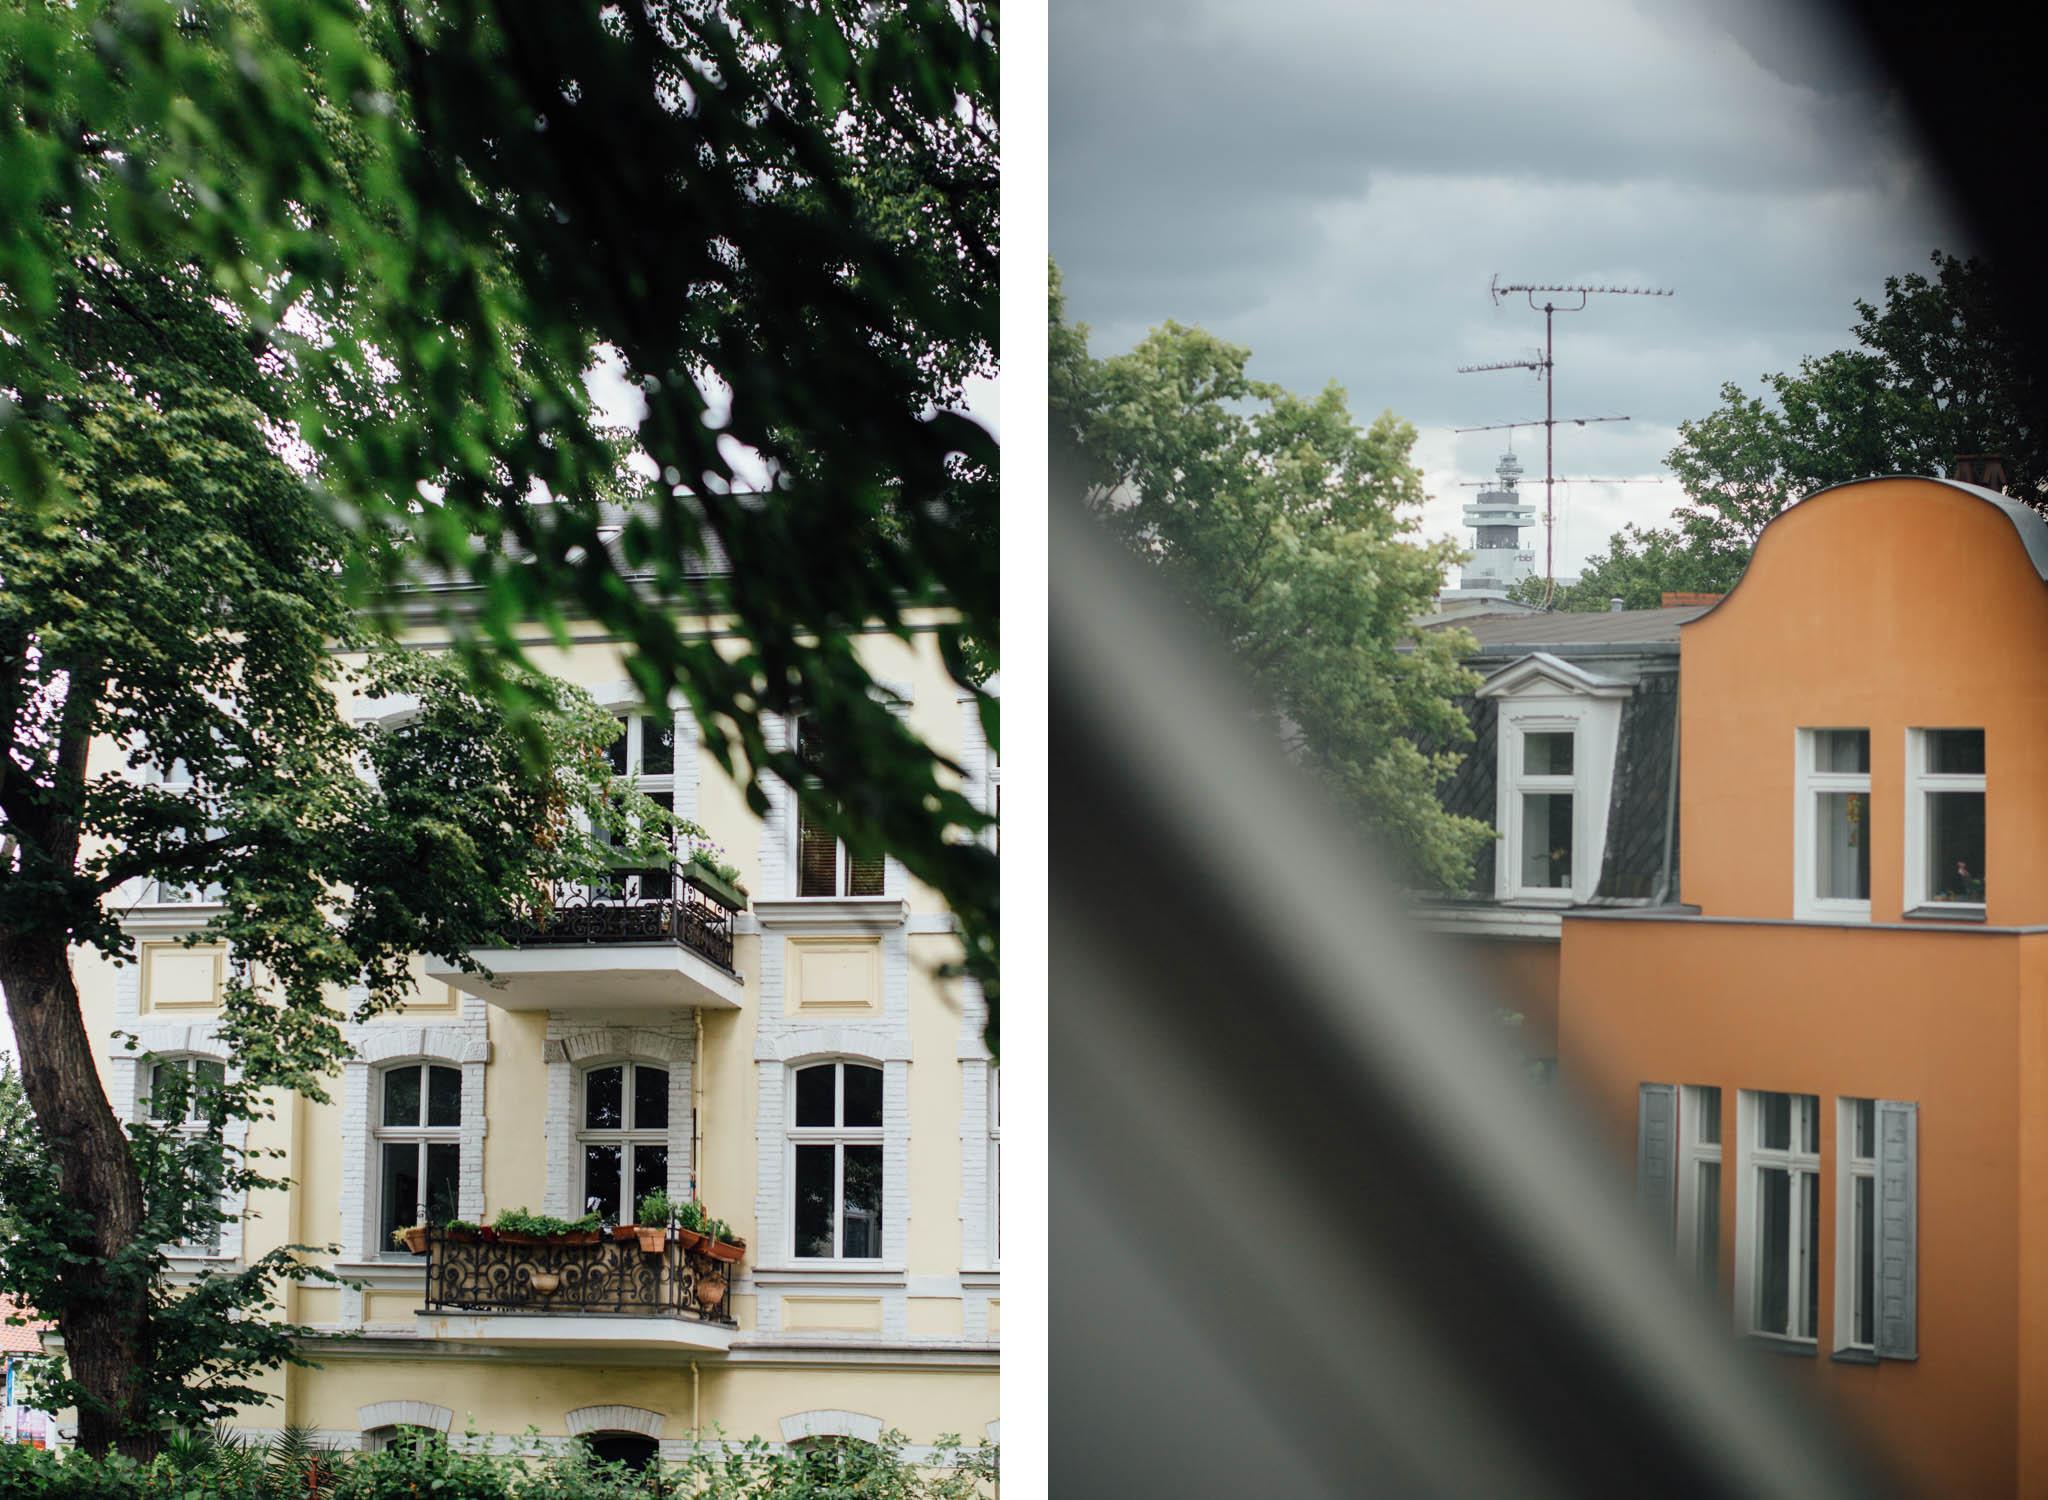 hochzeitsreportage-berlin-fotograf-vorbereitungen-zuhause